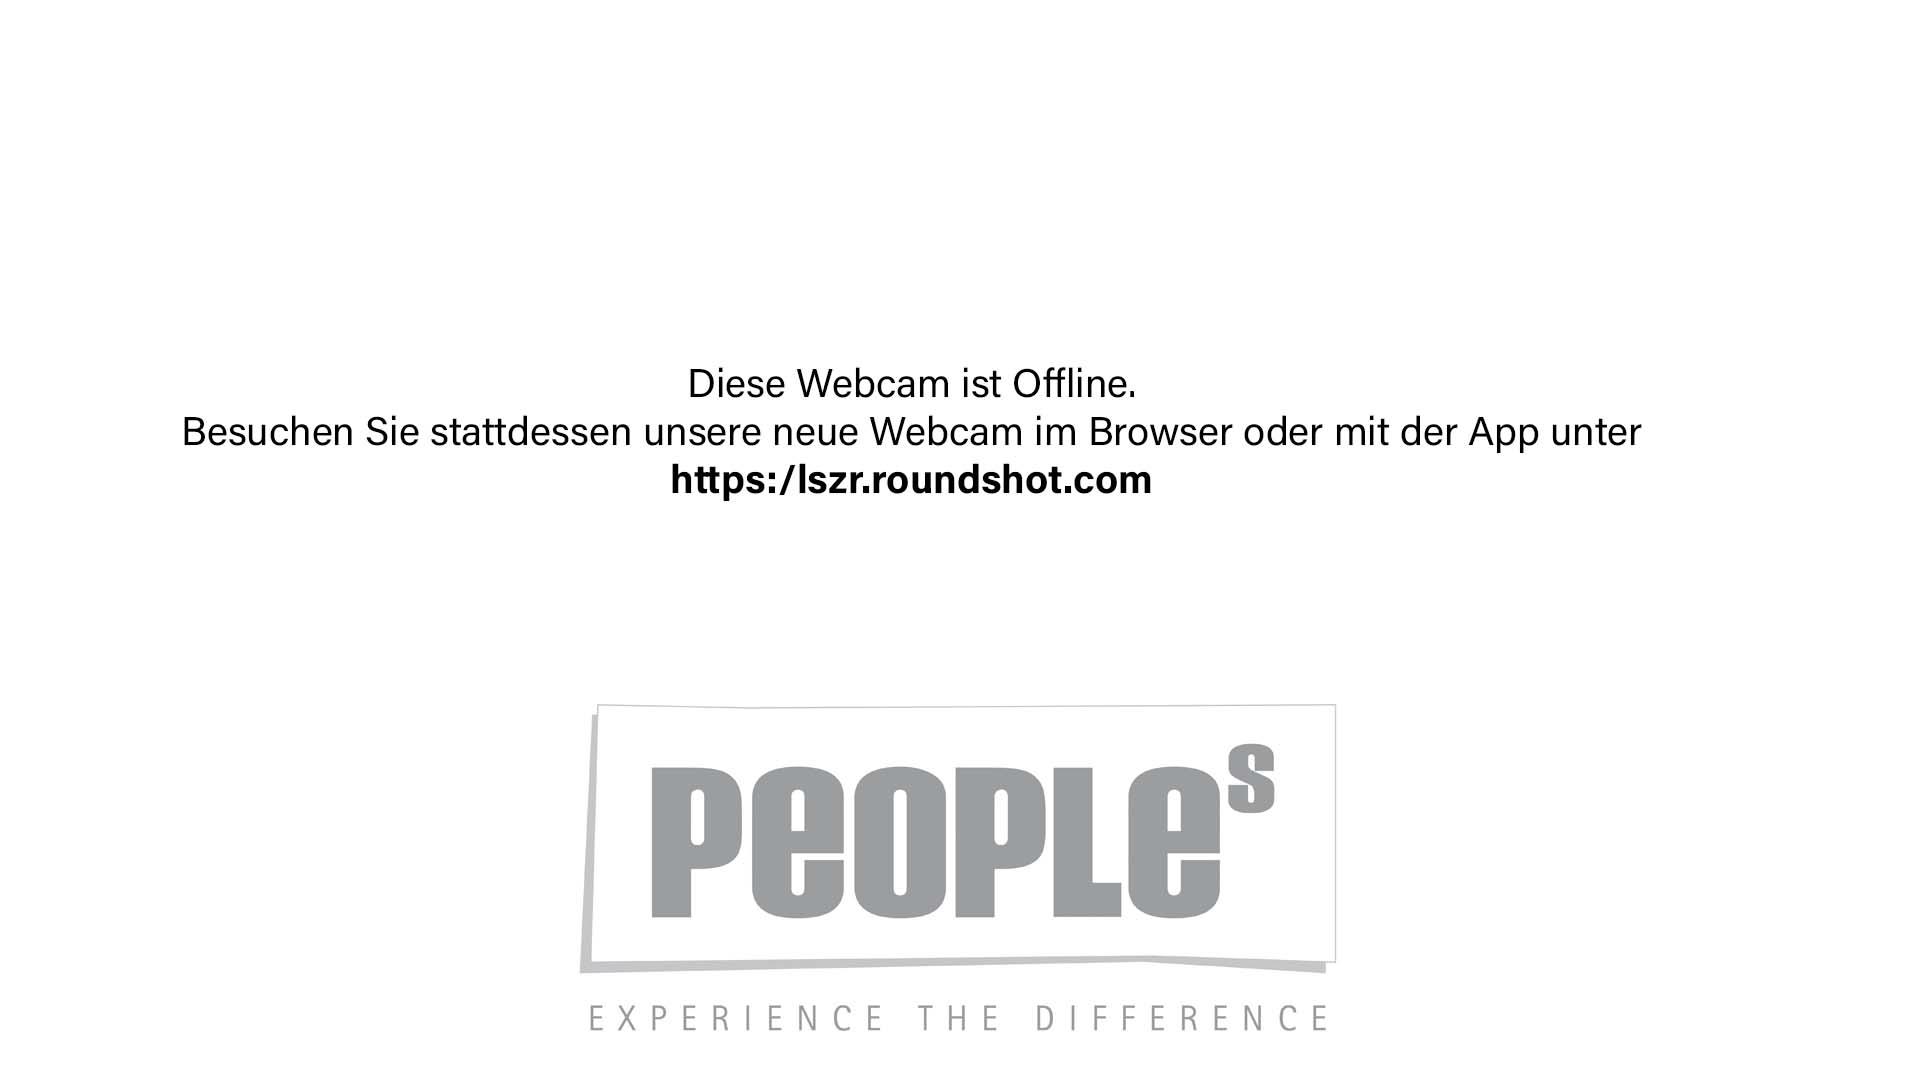 website navigation people s viennaline und flughafen st gallen altenrhein. Black Bedroom Furniture Sets. Home Design Ideas